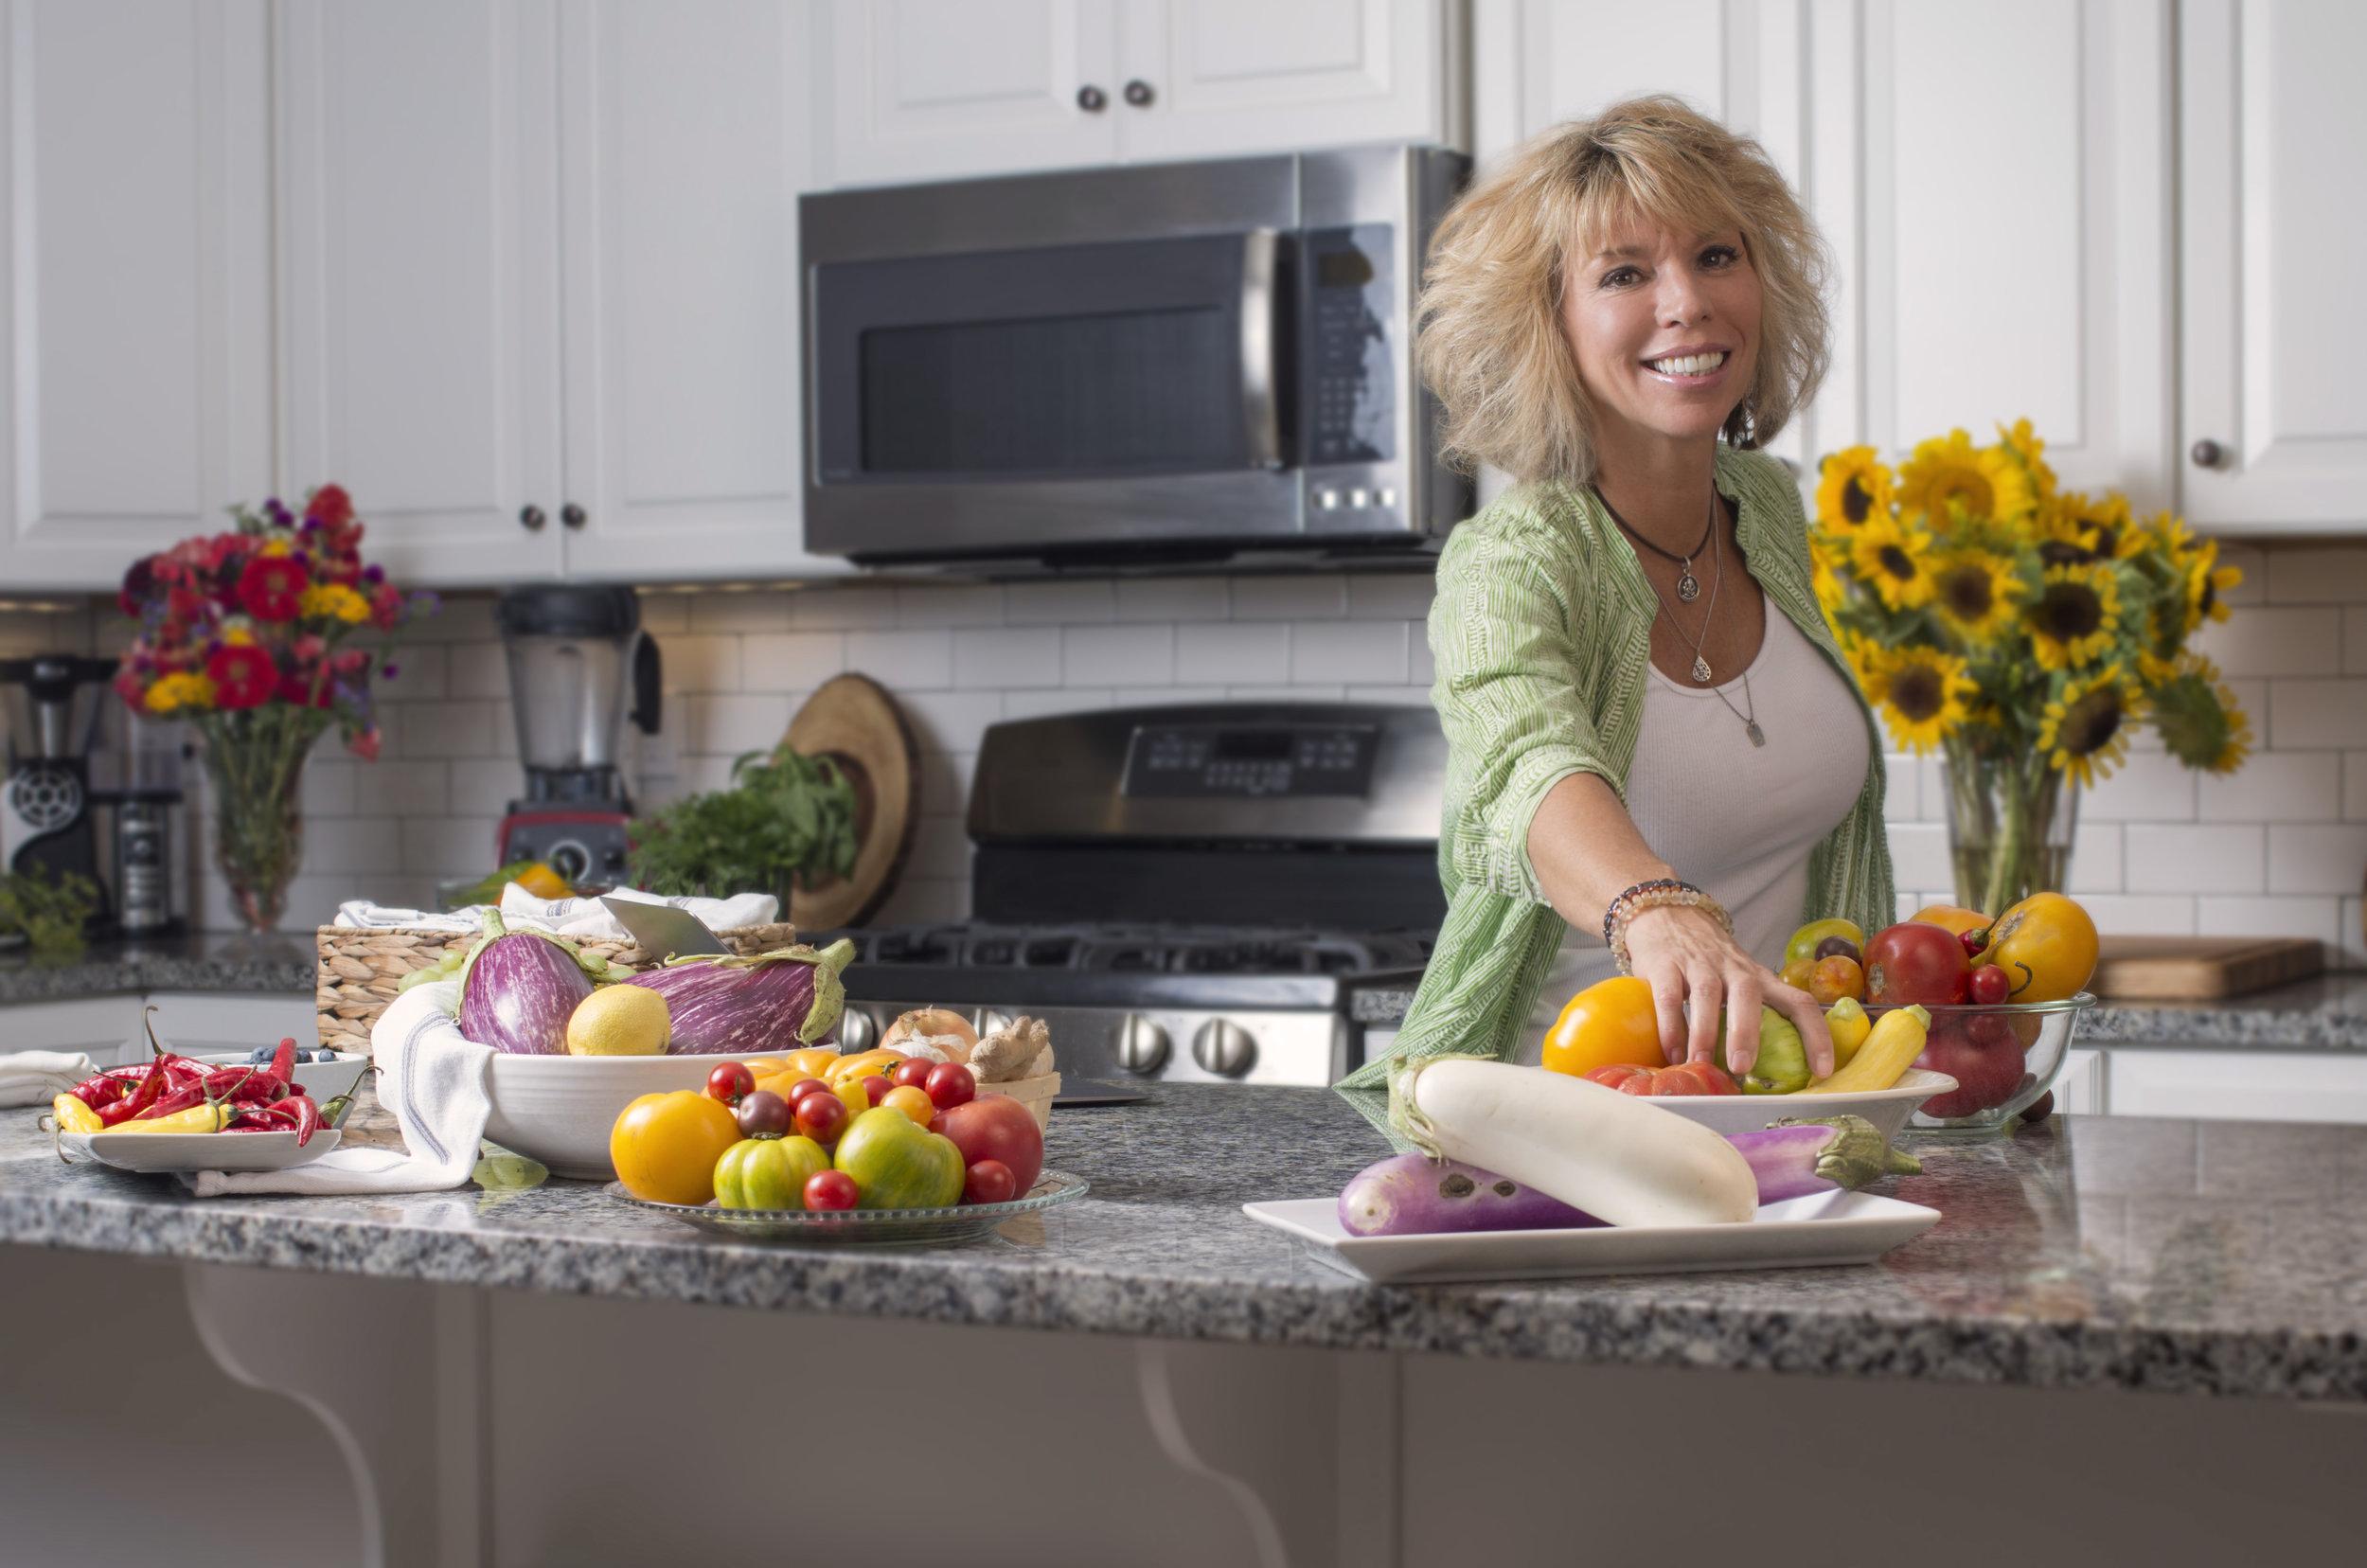 Shaaron Honeycutt Vital Wellness Project Charlottesville Virginia in the kitchen